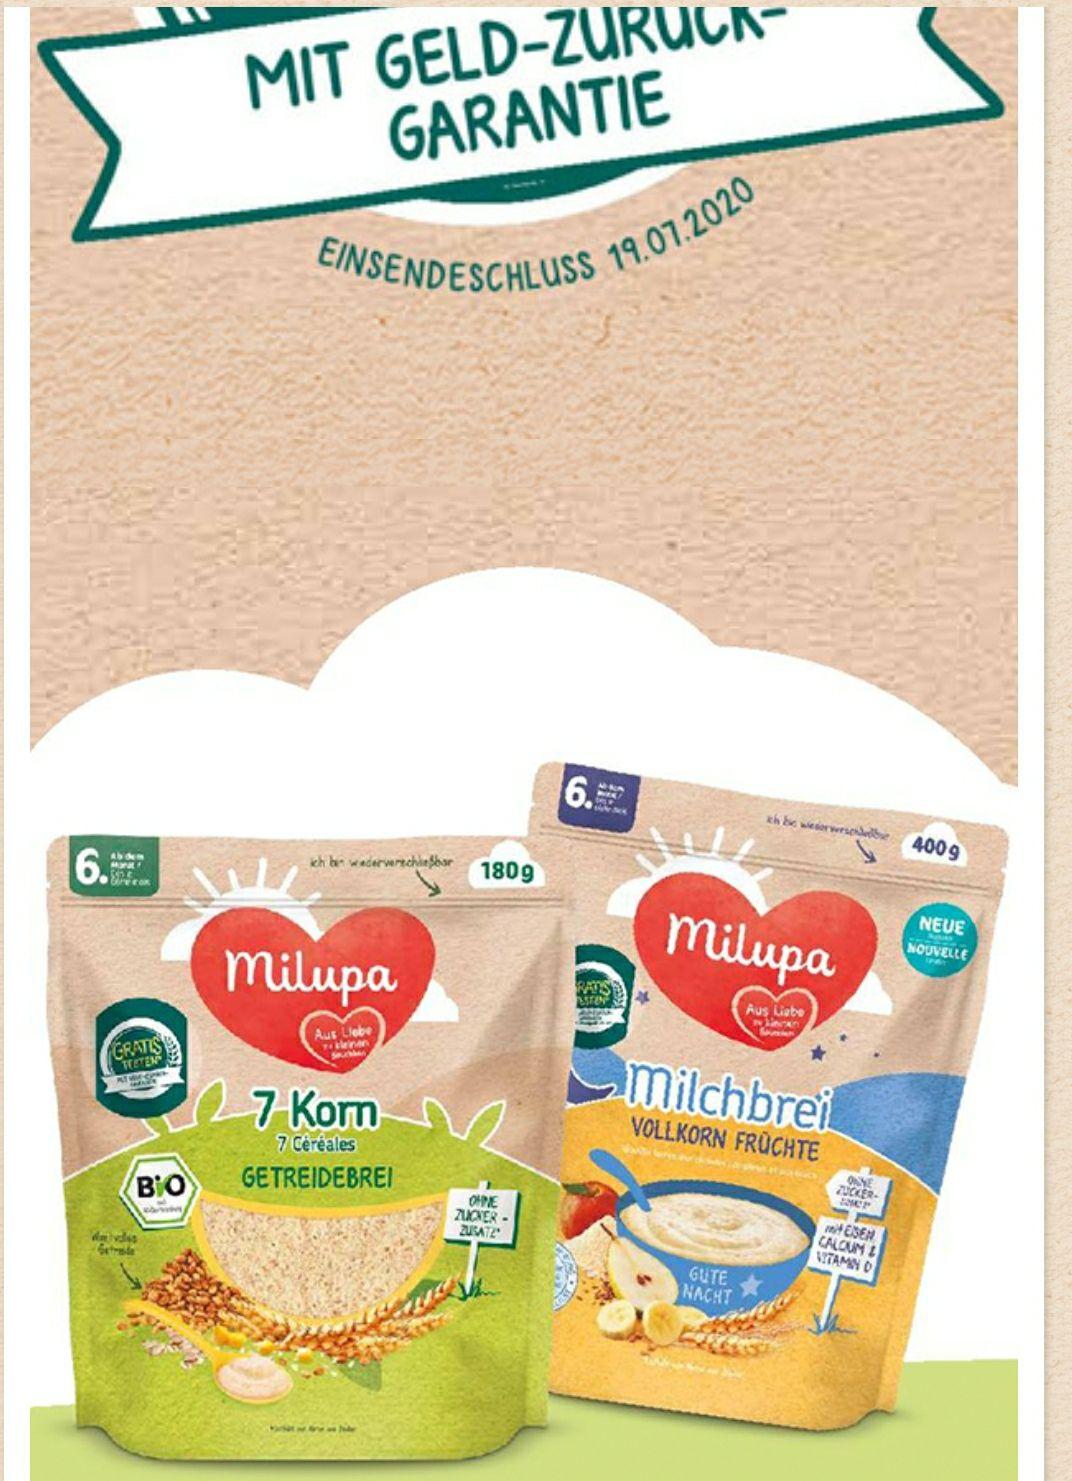 Milupa Milch und Getreidebrei kostenlos testen